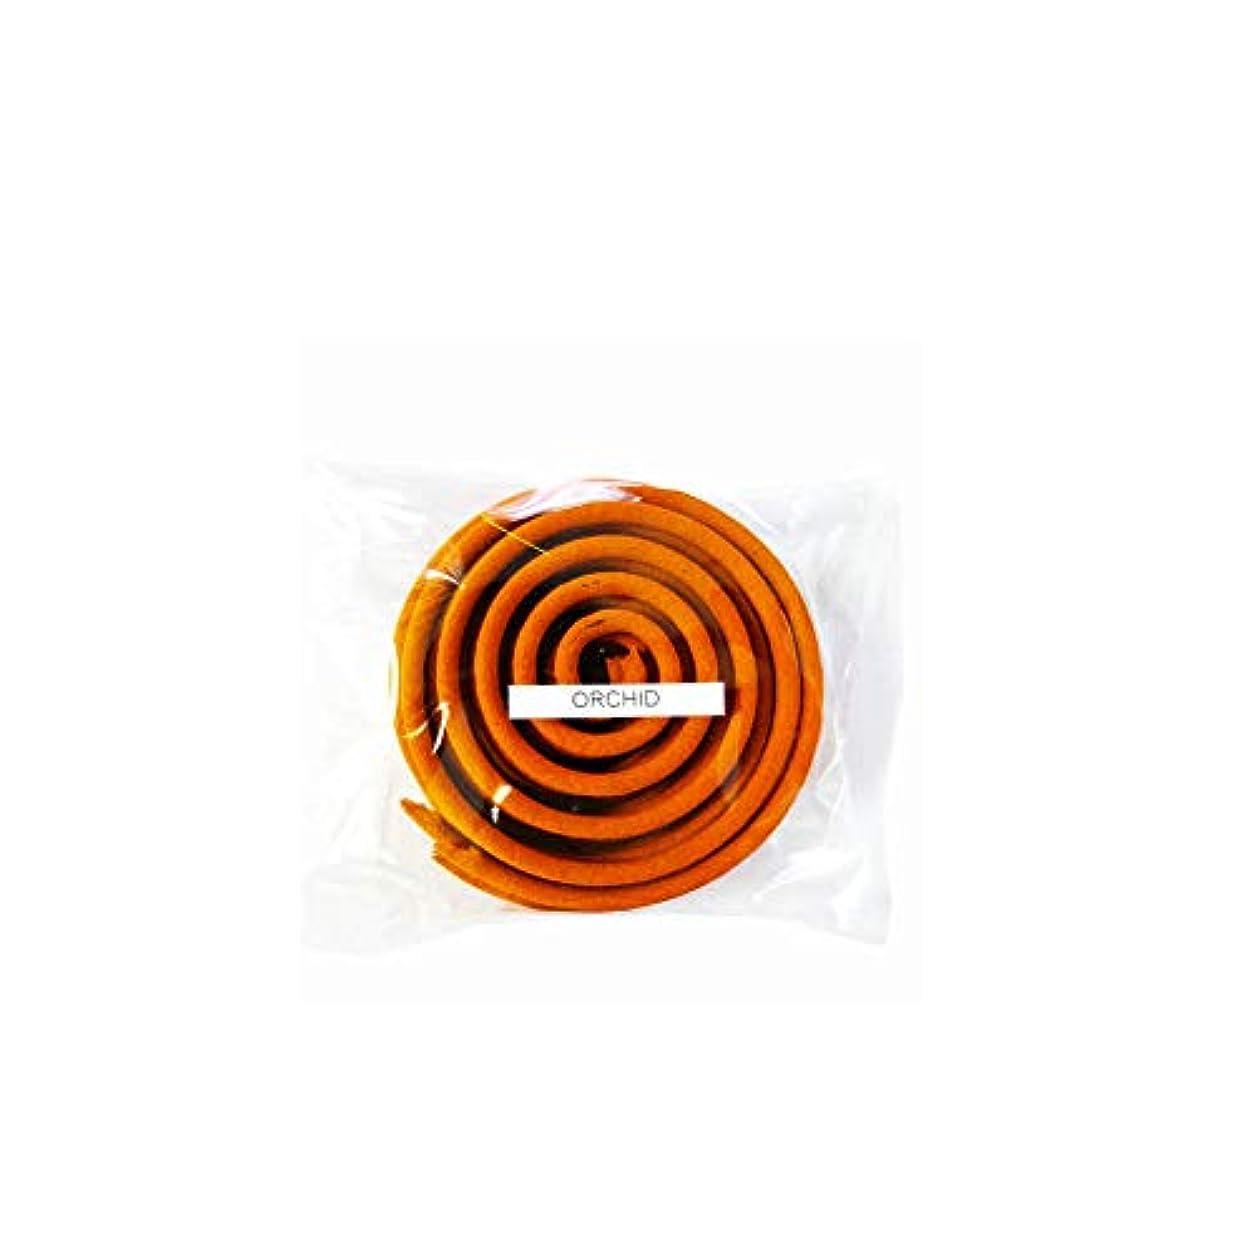 劇作家俳優眩惑するお香/うずまき香 ORCHID オーキッド 直径6.5cm×5巻セット [並行輸入品]